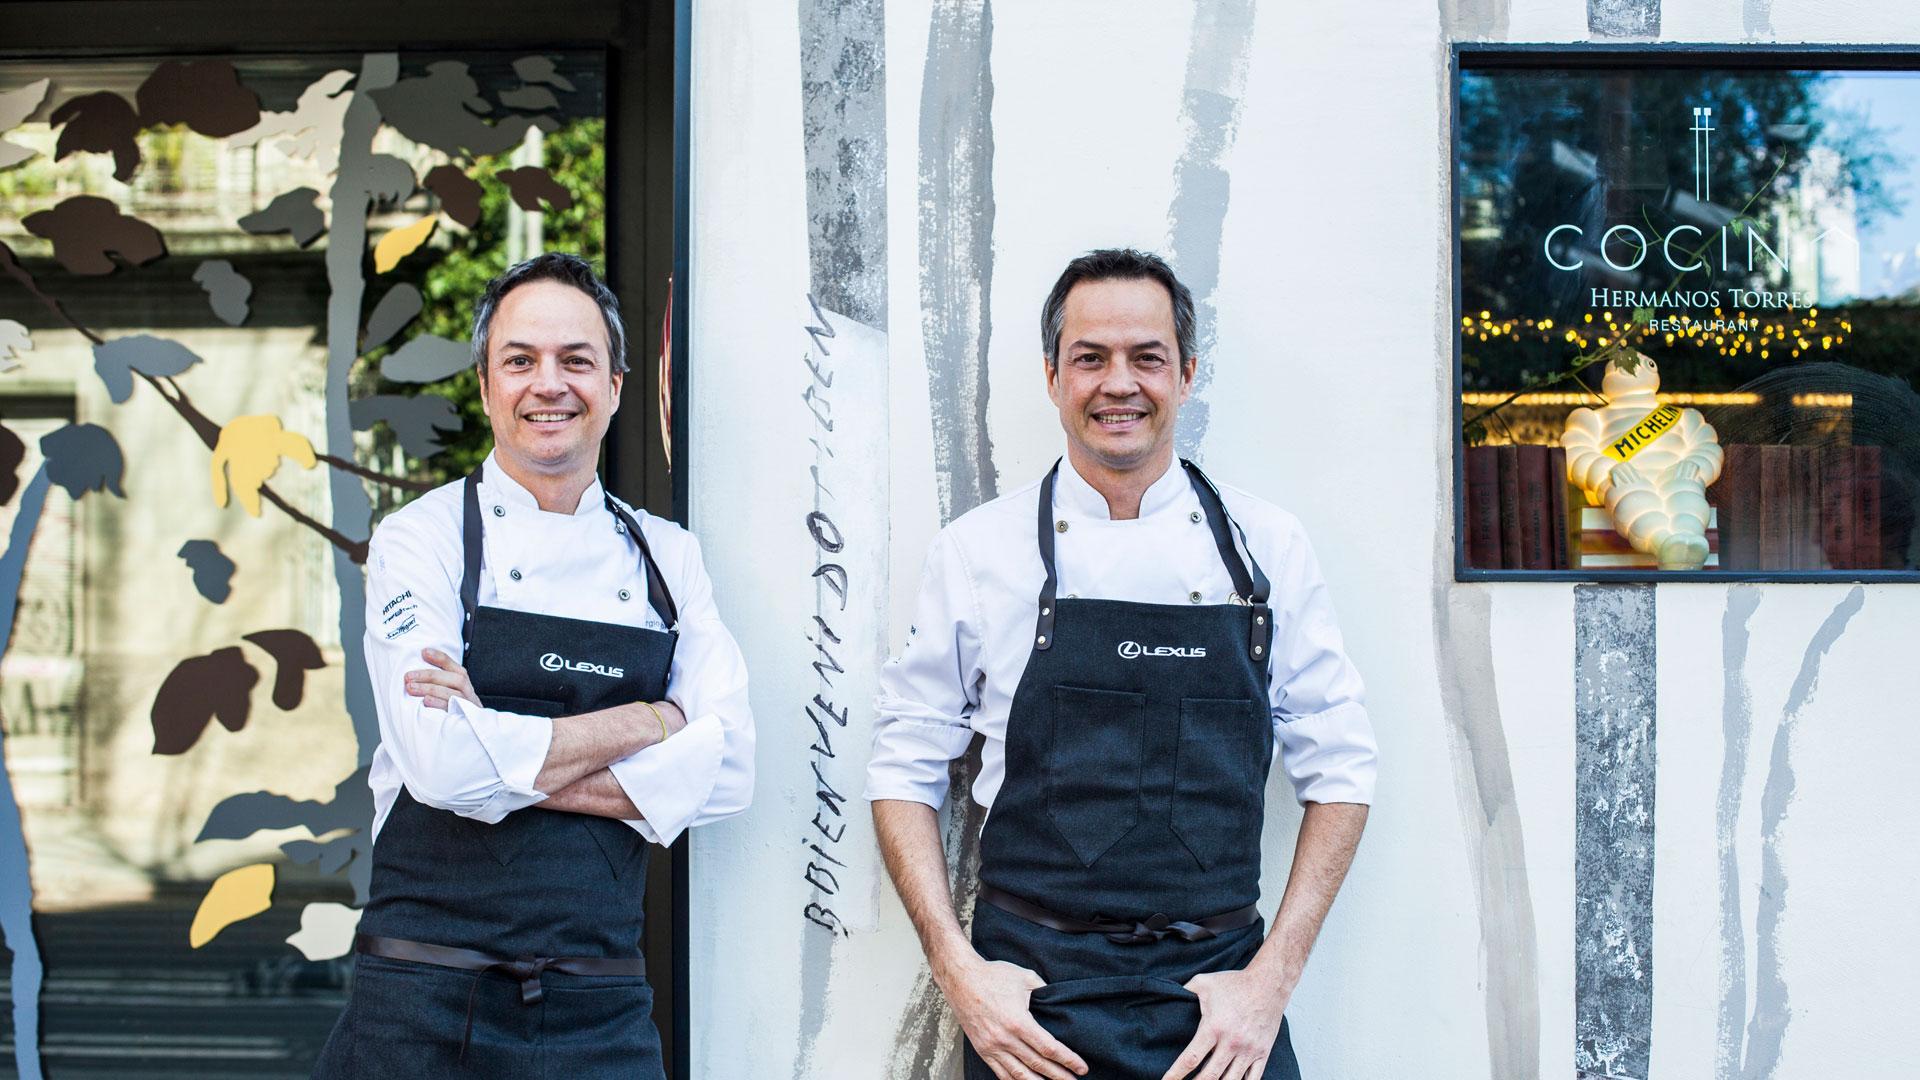 Imagen de los hermanos Torres en la entrada de su restaurante en Barcelona